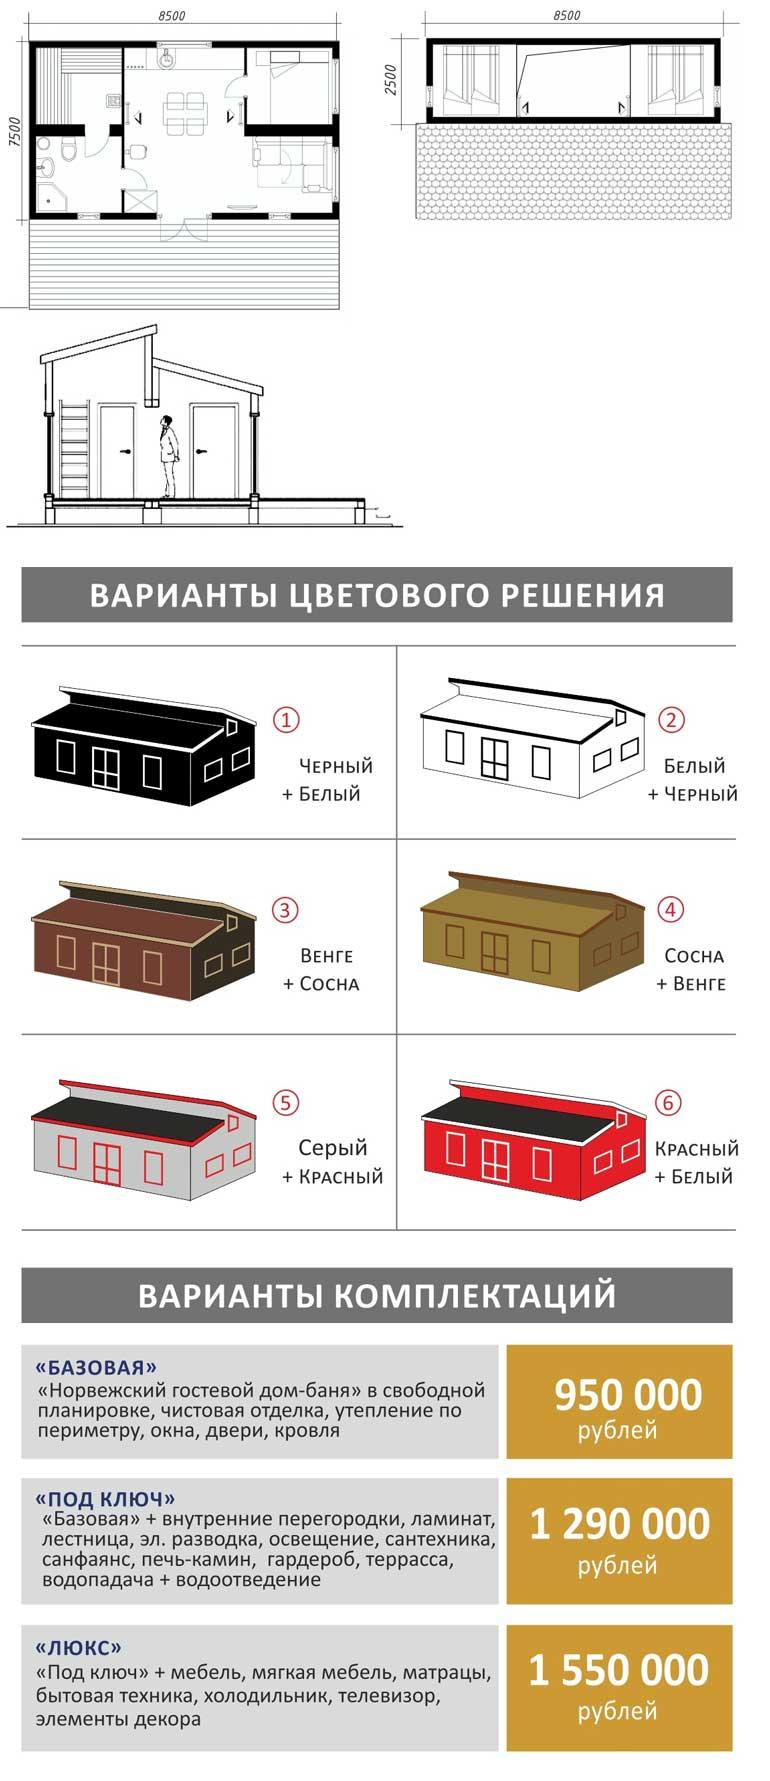 norvezhskiy-dom-banya-52-modum-montazh-za-1-den